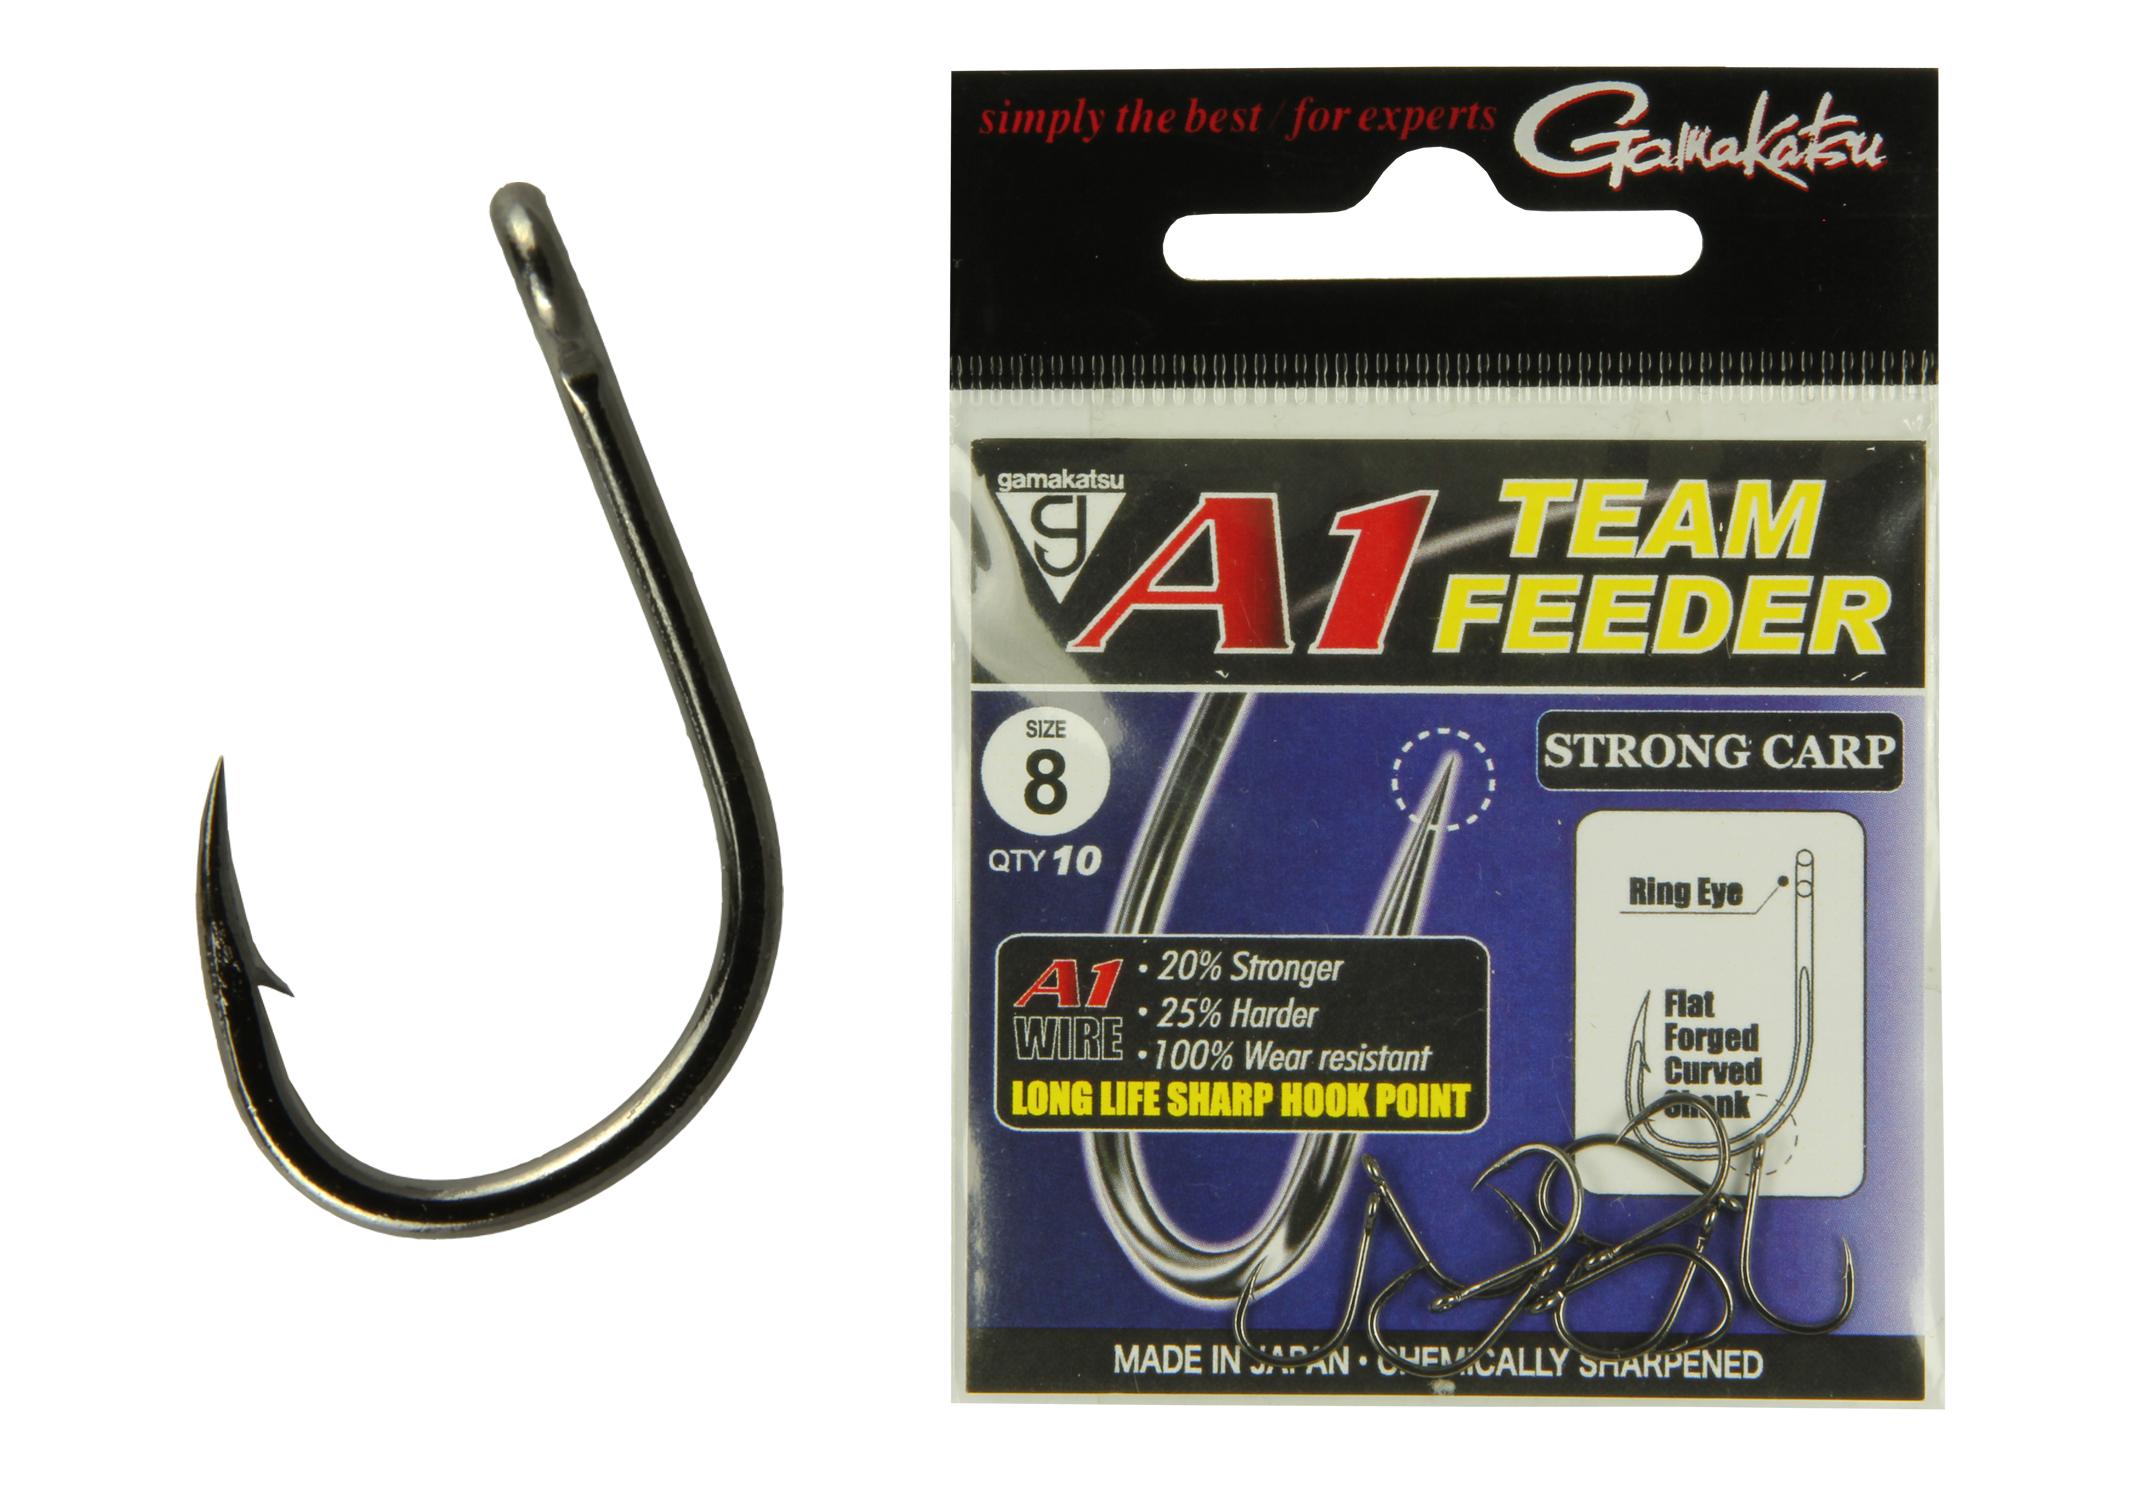 A1 Team Feeder Strong Carp 6-os 10/cs.